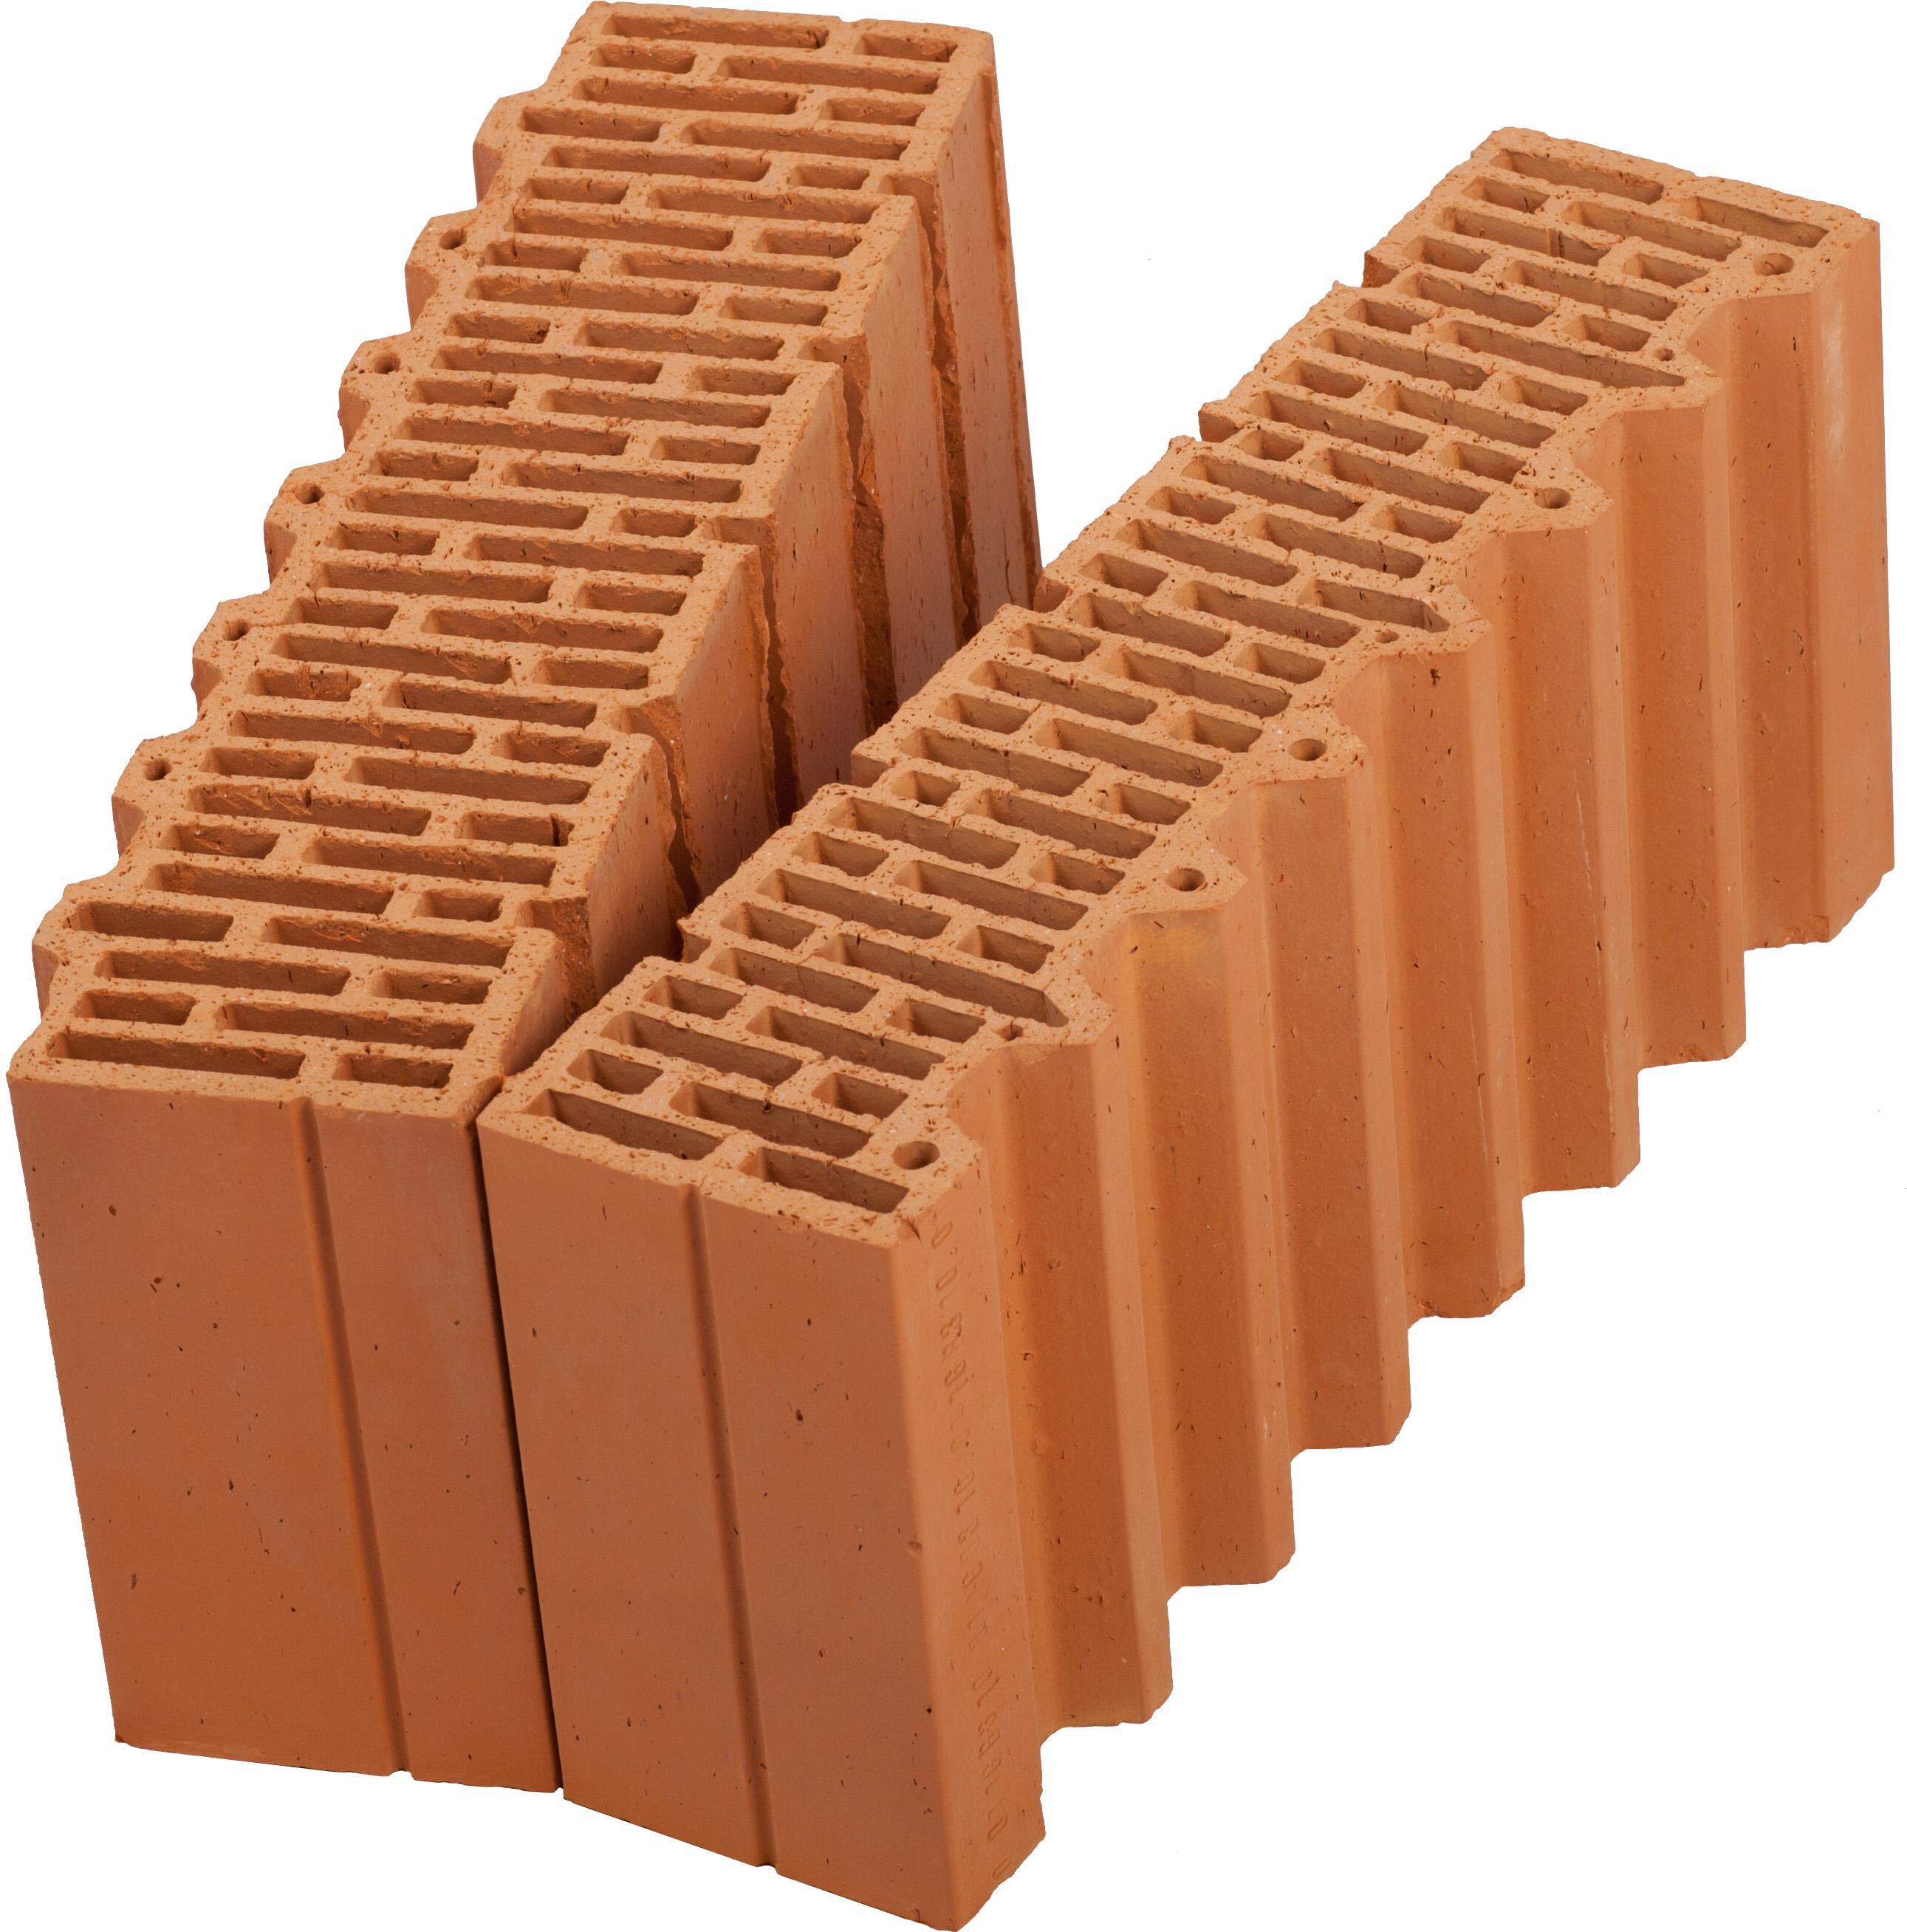 Керамический блок (камень) Porotherm 51-1/2 (PTH 51-1/2), поризованный (доборный элемент)